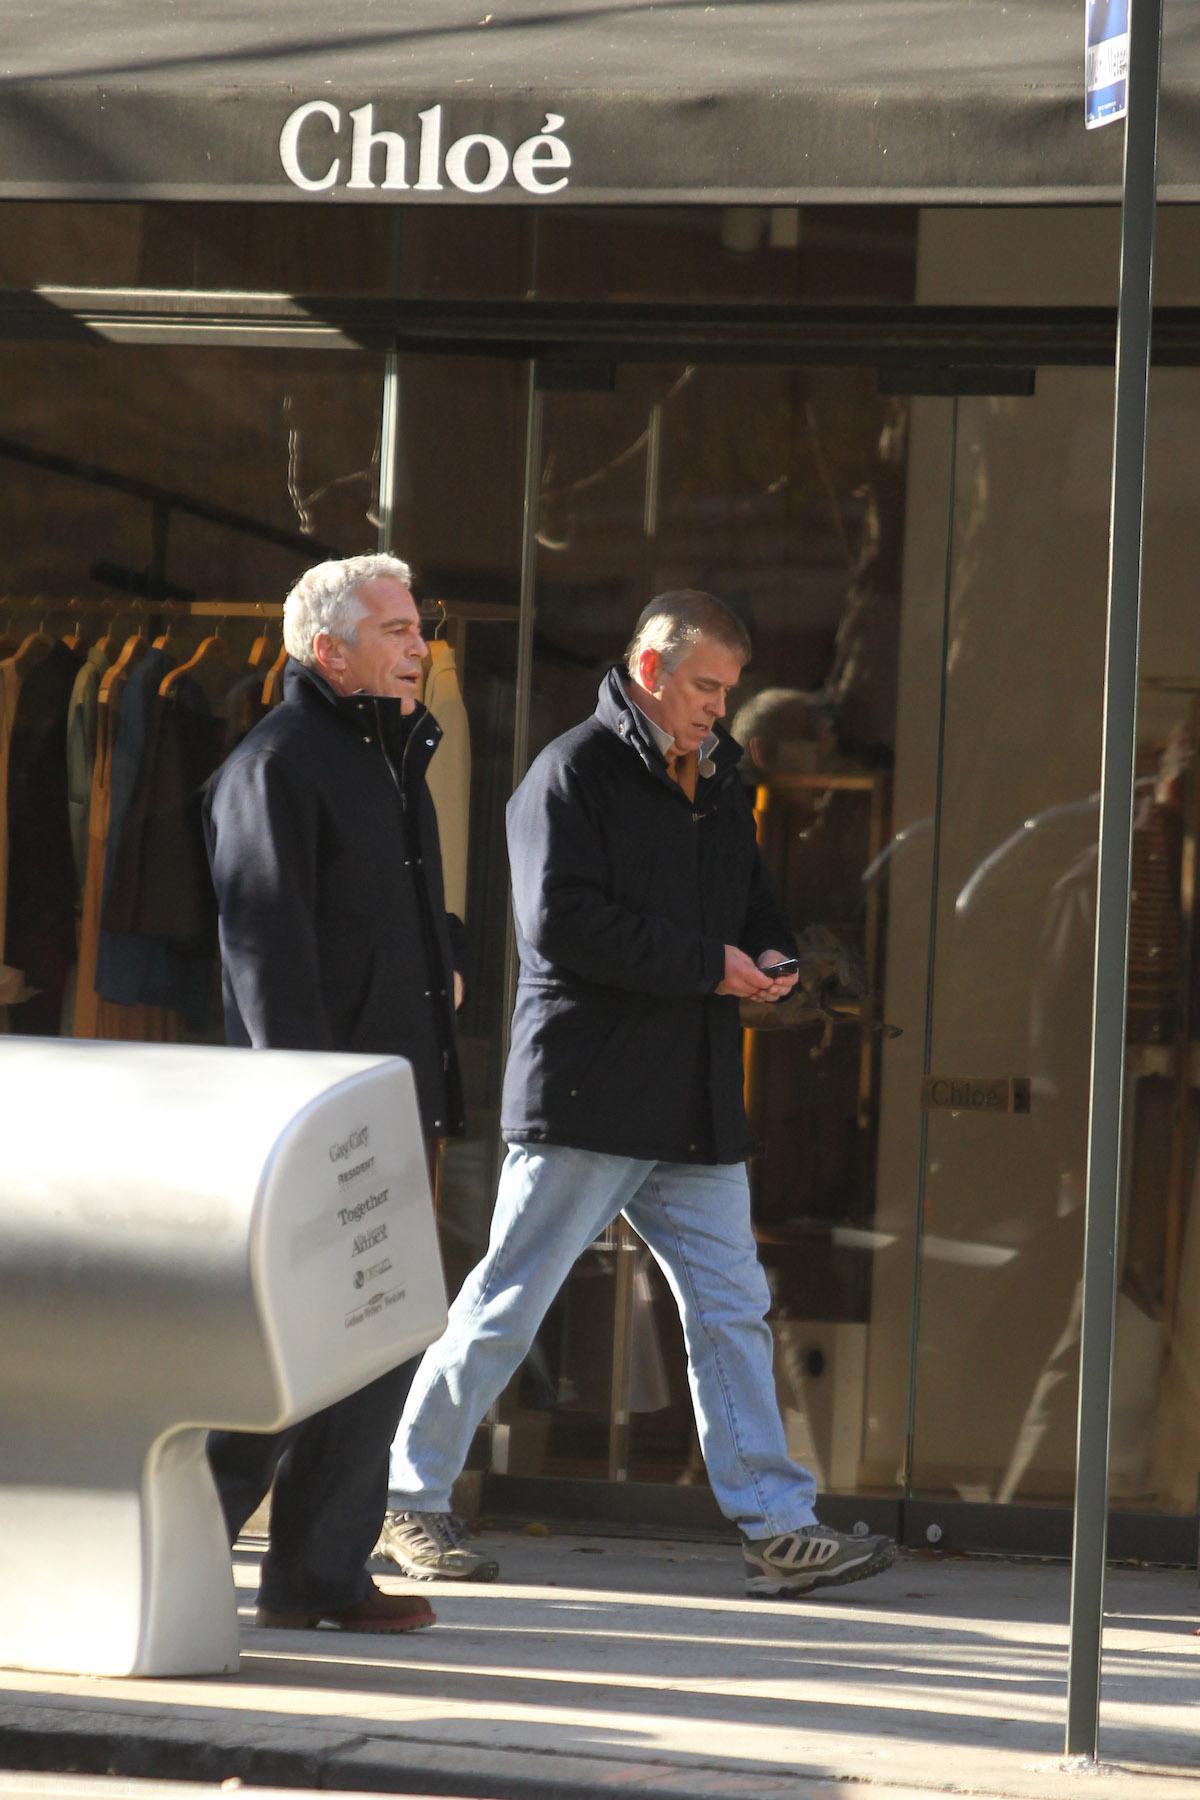 Książę Andrzej przyłapany na spotkaniu z przyjacielem pedofilem - Jeffreyem Epsteinem.